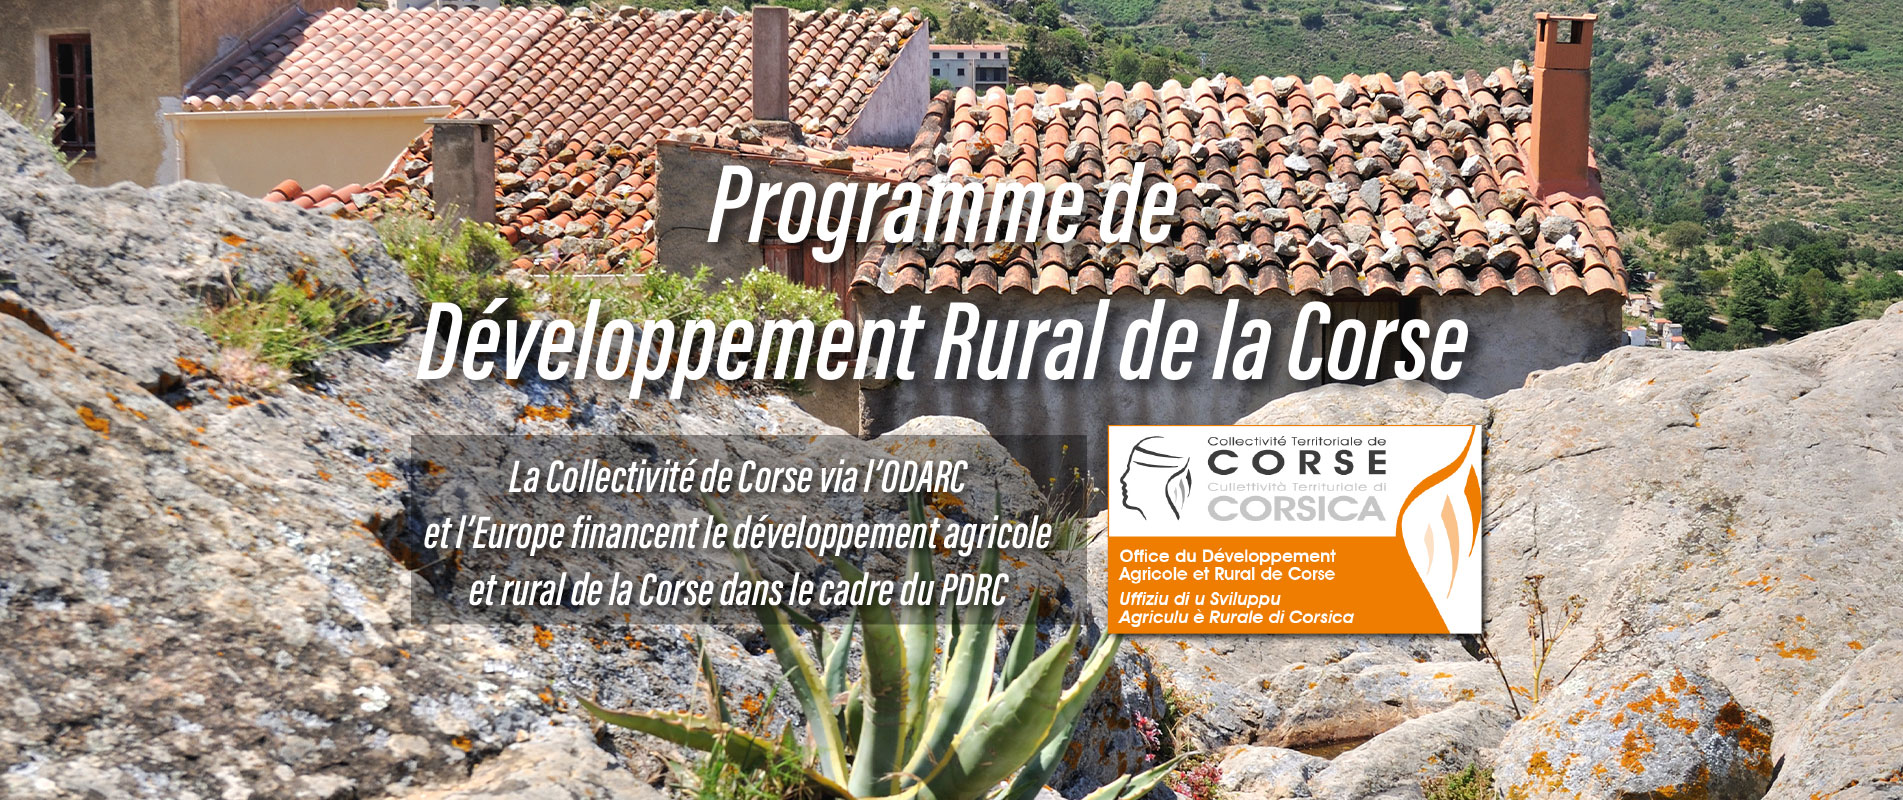 ODARC : Les appels à projets du Programme de Développement Rural de la Corse